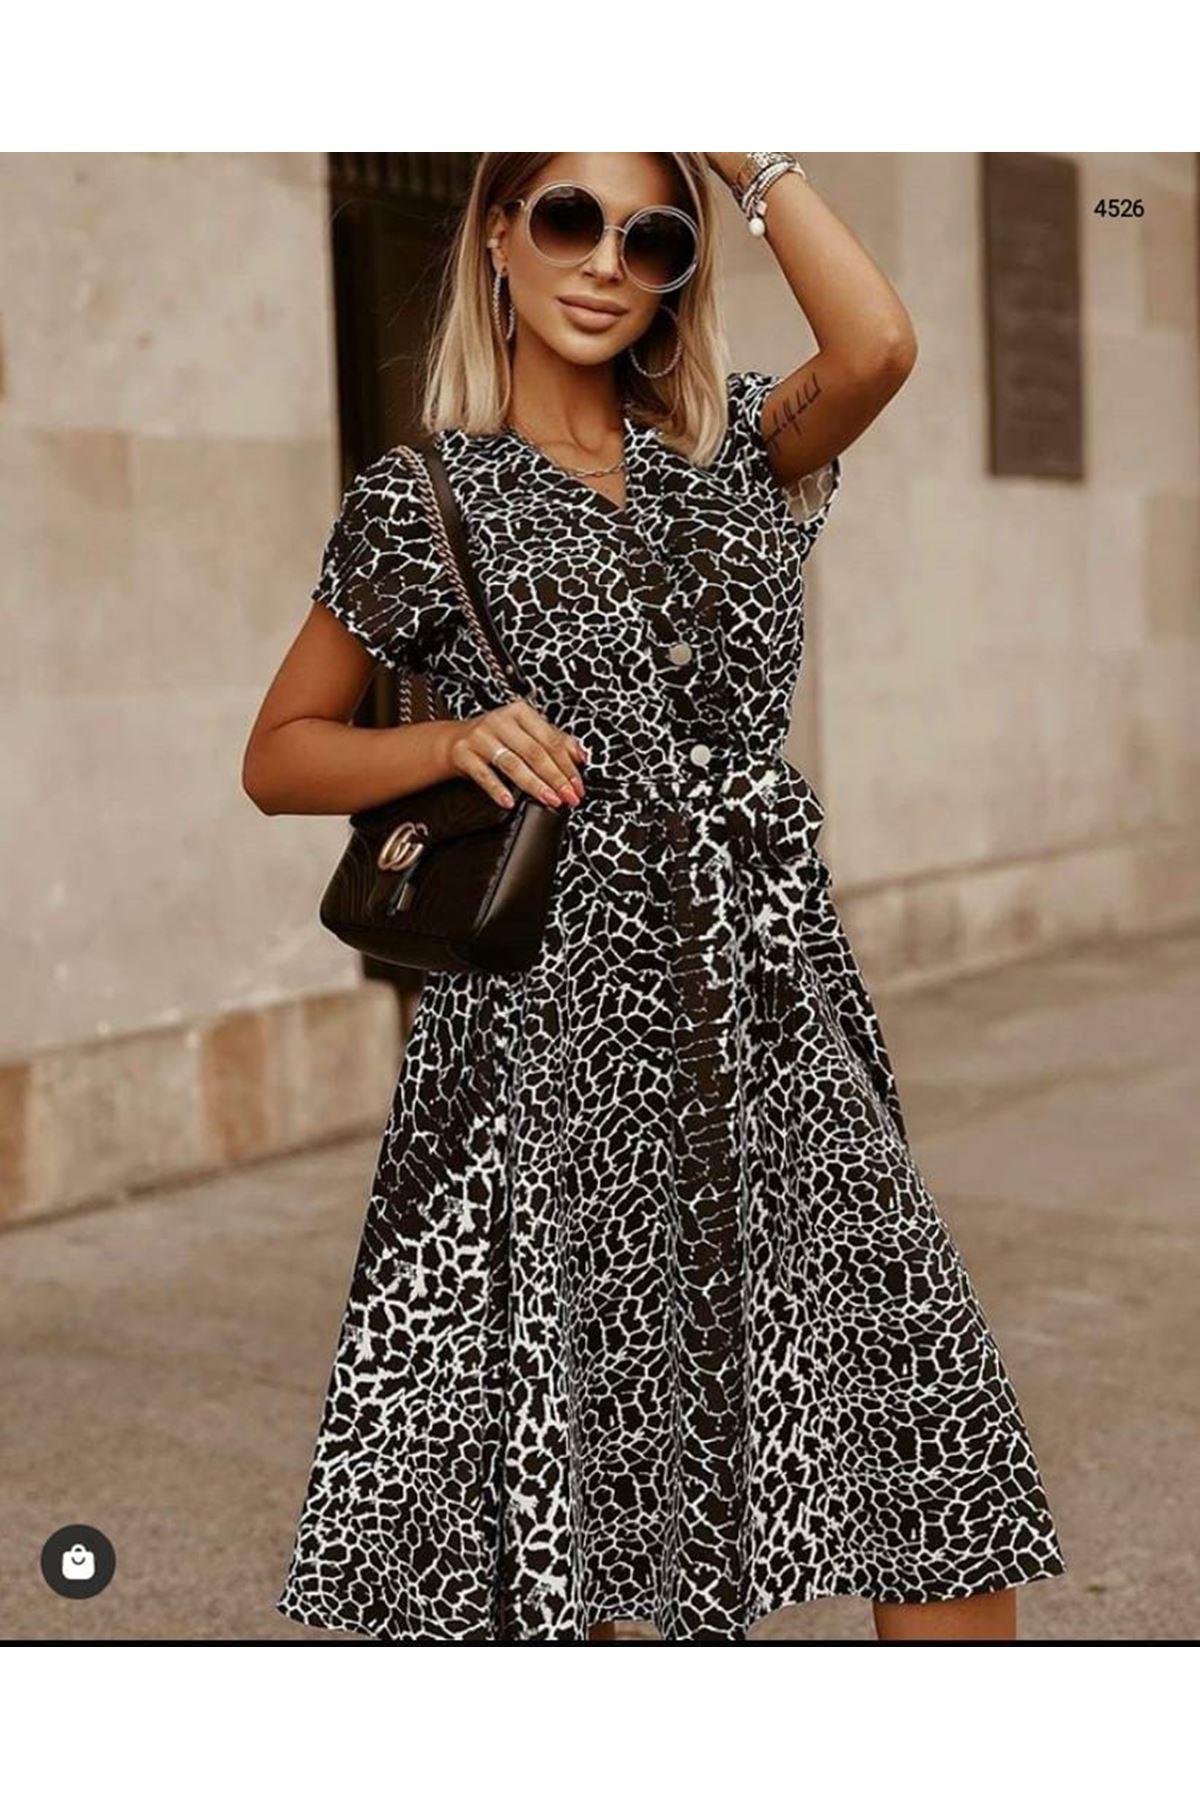 Düğmeli Şifon Elbise - LEOPAR